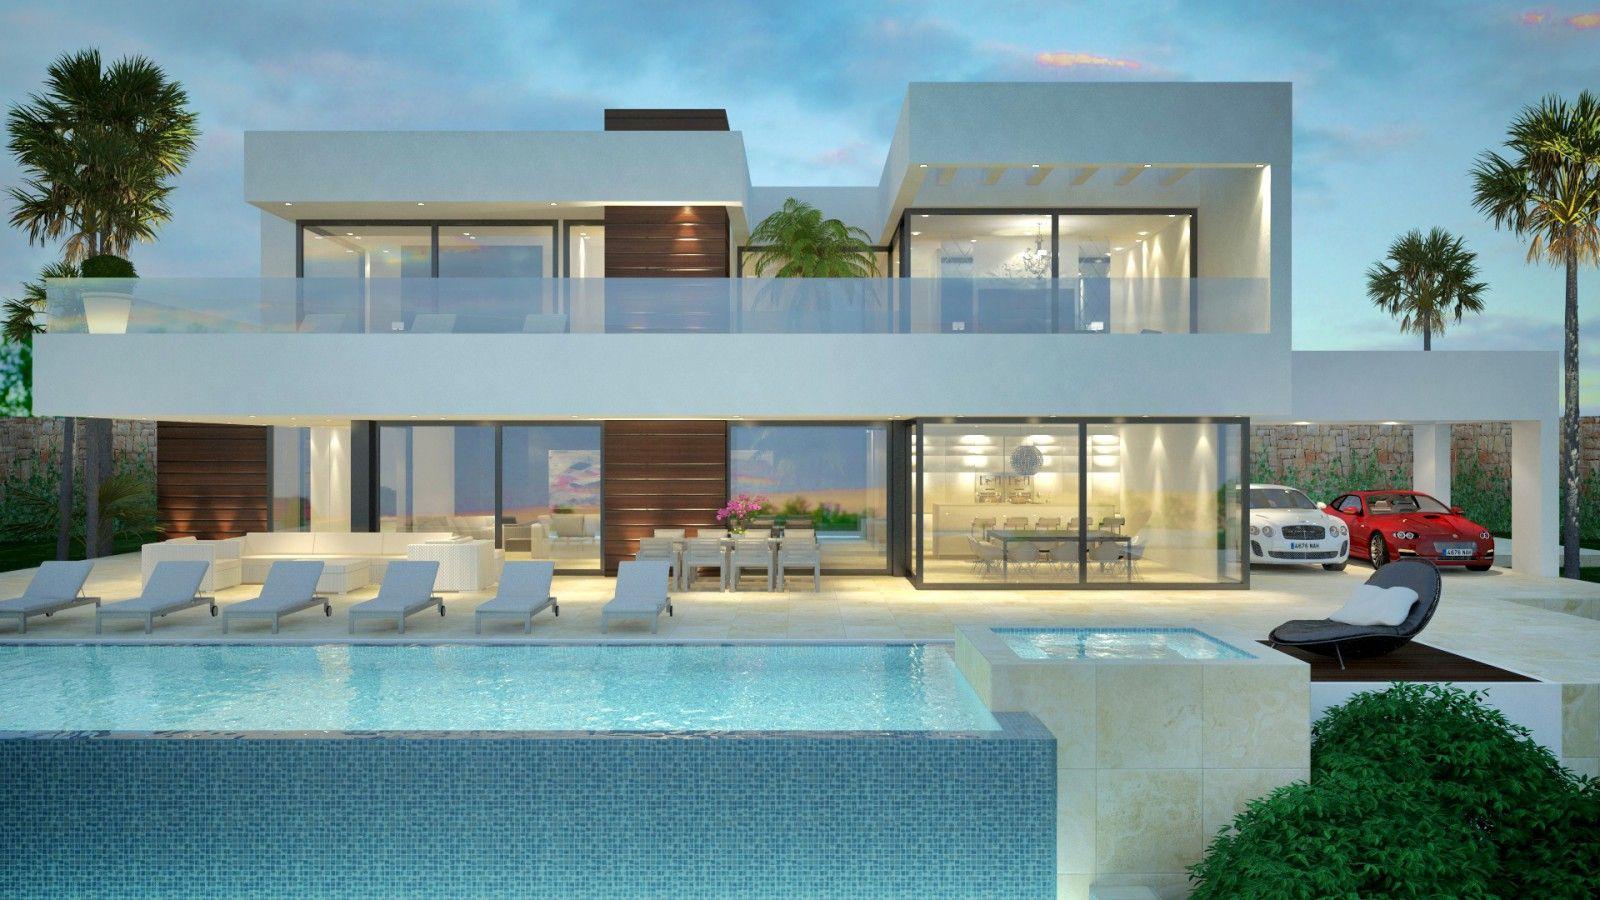 Villa moderne vendre la cerquilla marbella maison - Les plus belles architectures de maisons ...